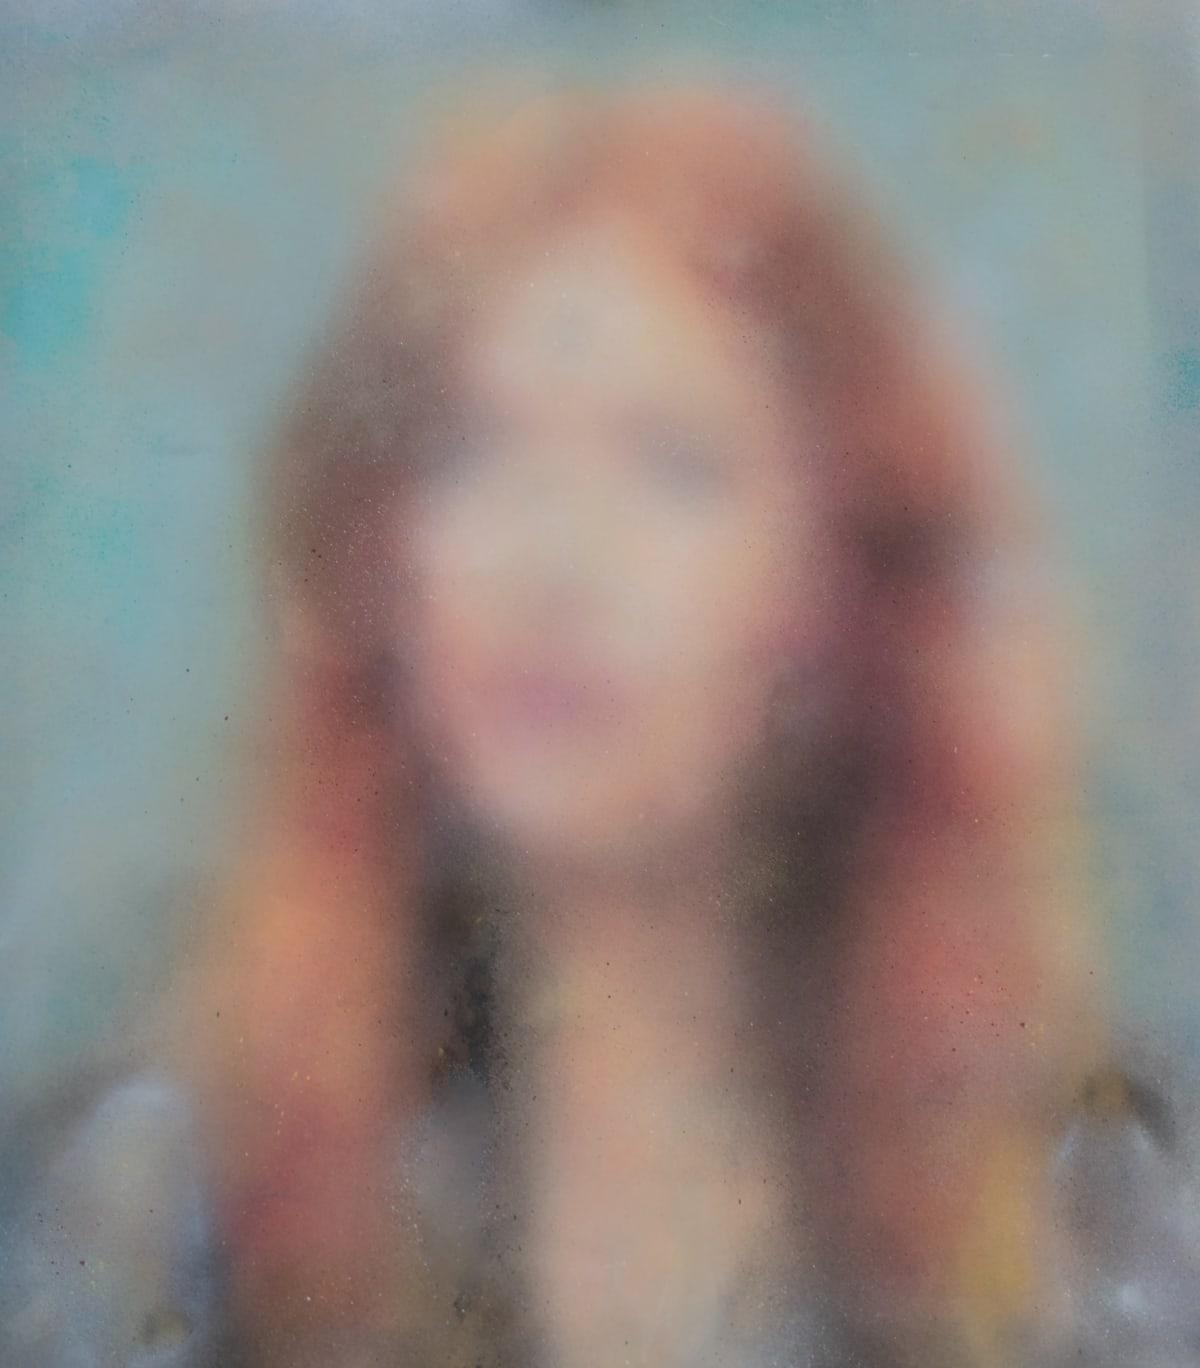 Eliana Marinari, Once II, 2019